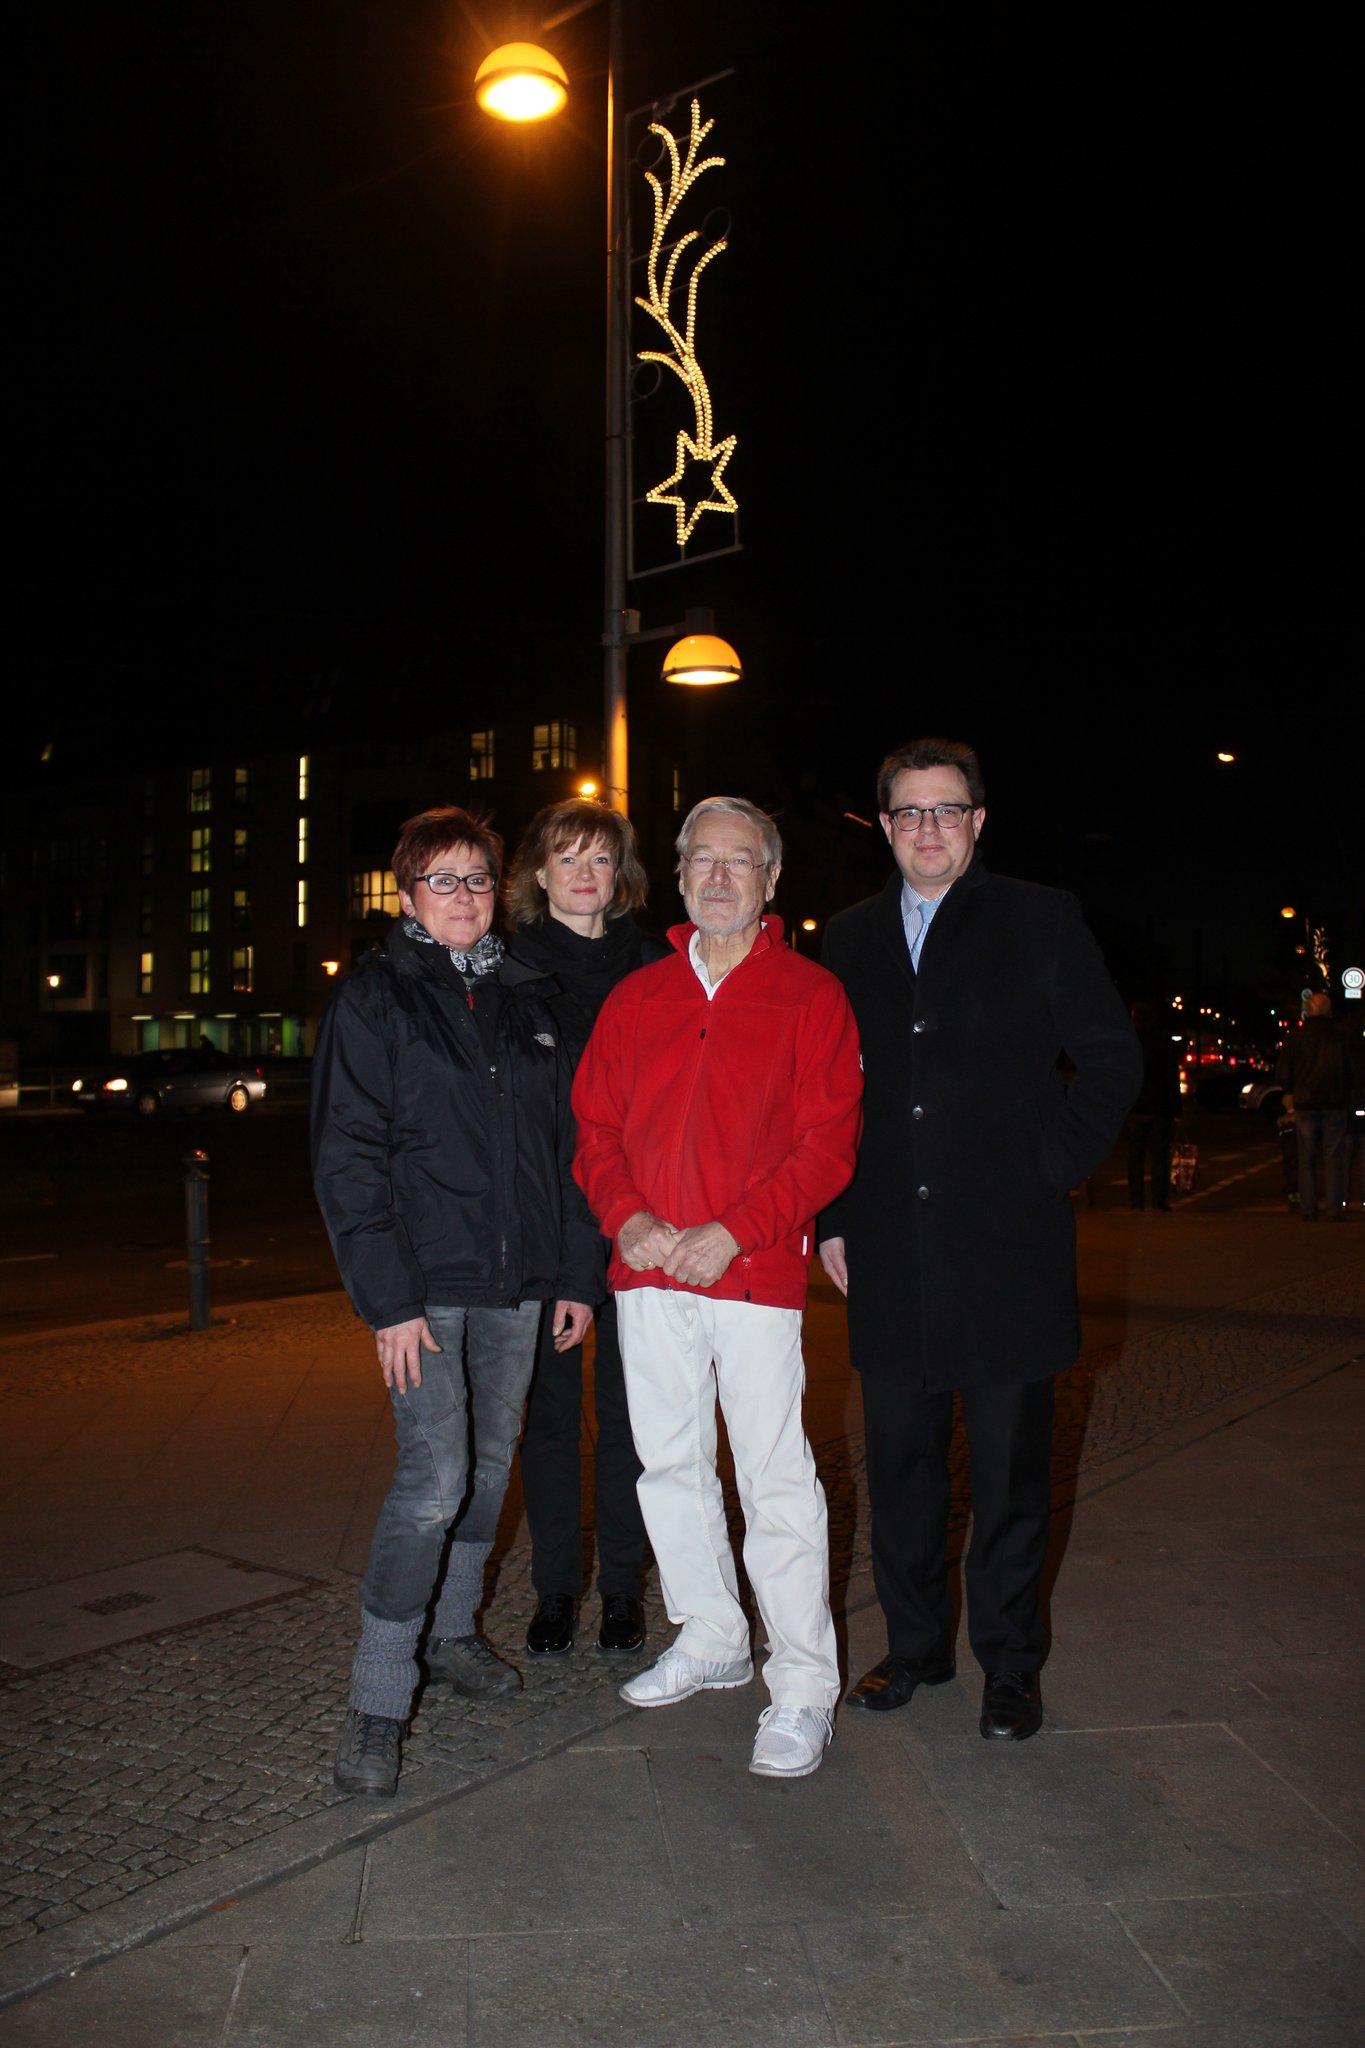 Weihnachtsbeleuchtung Xxl.Festlich Beleuchtete Allee Die Ig City Weißensee Sorgt Wieder Für